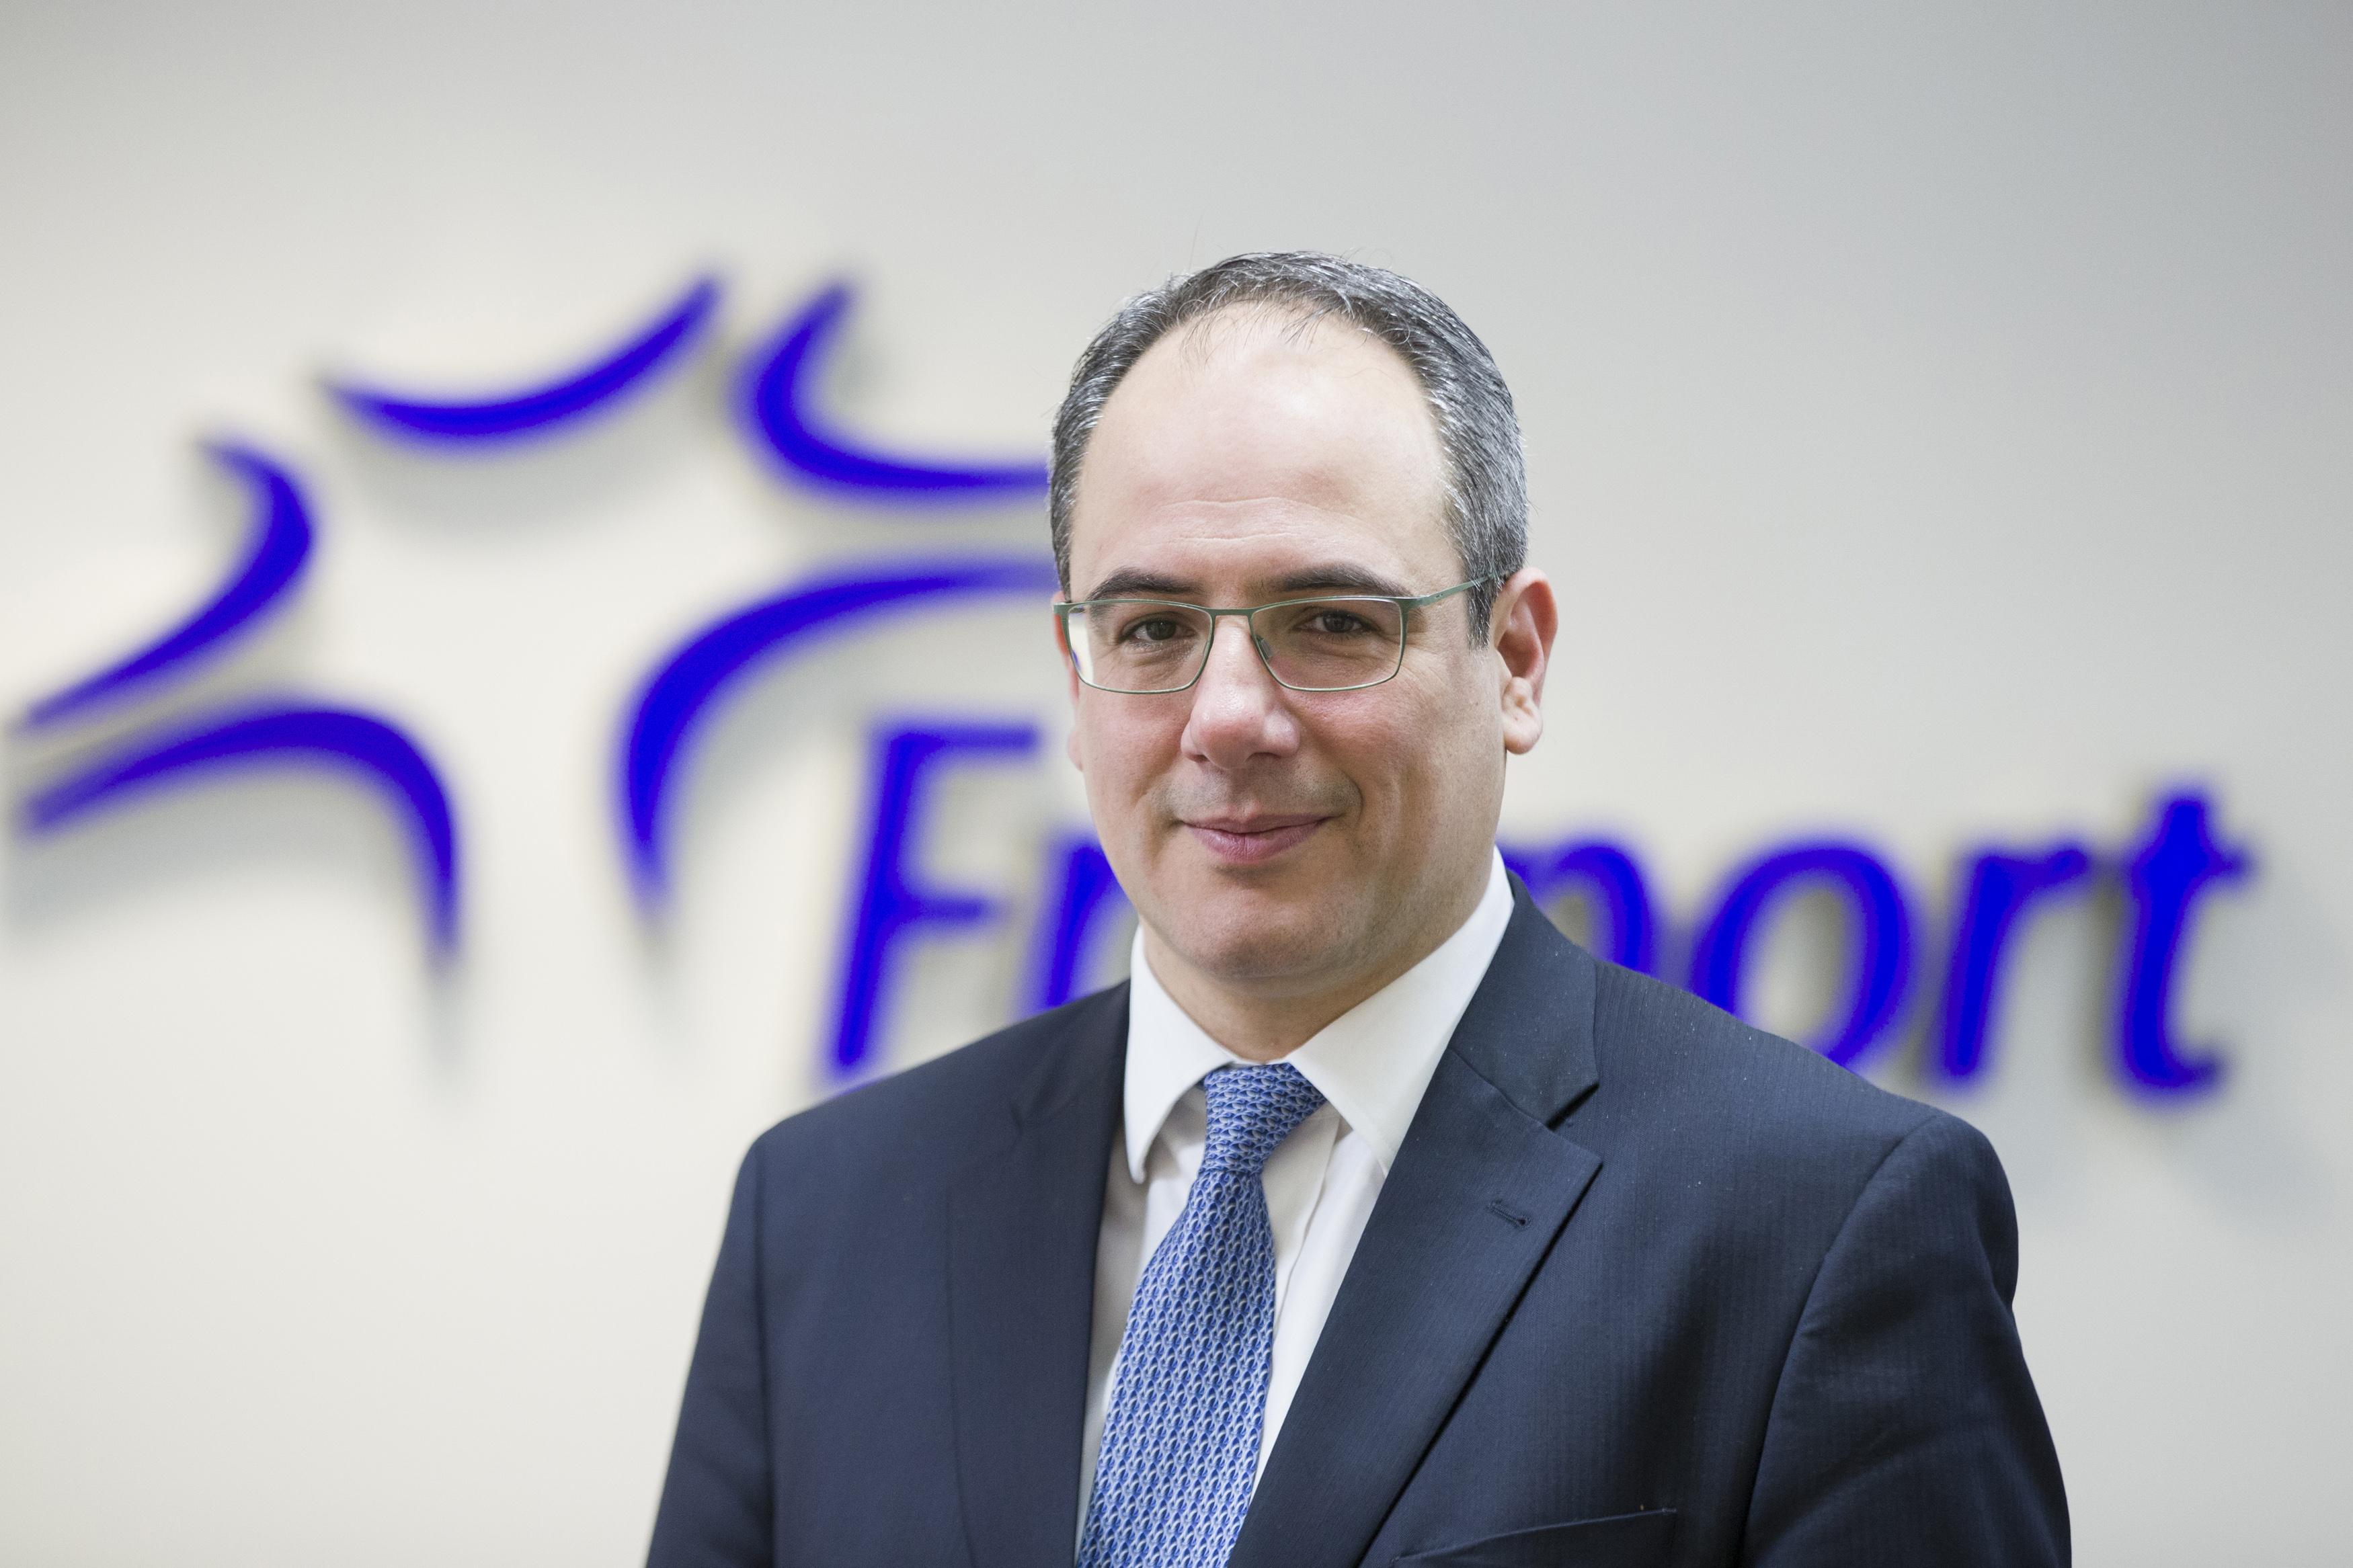 Η Fraport Greece προσφέρει κίνητρα για την Ανάπτυξη Νέων Διεθνών Δρομολογίων